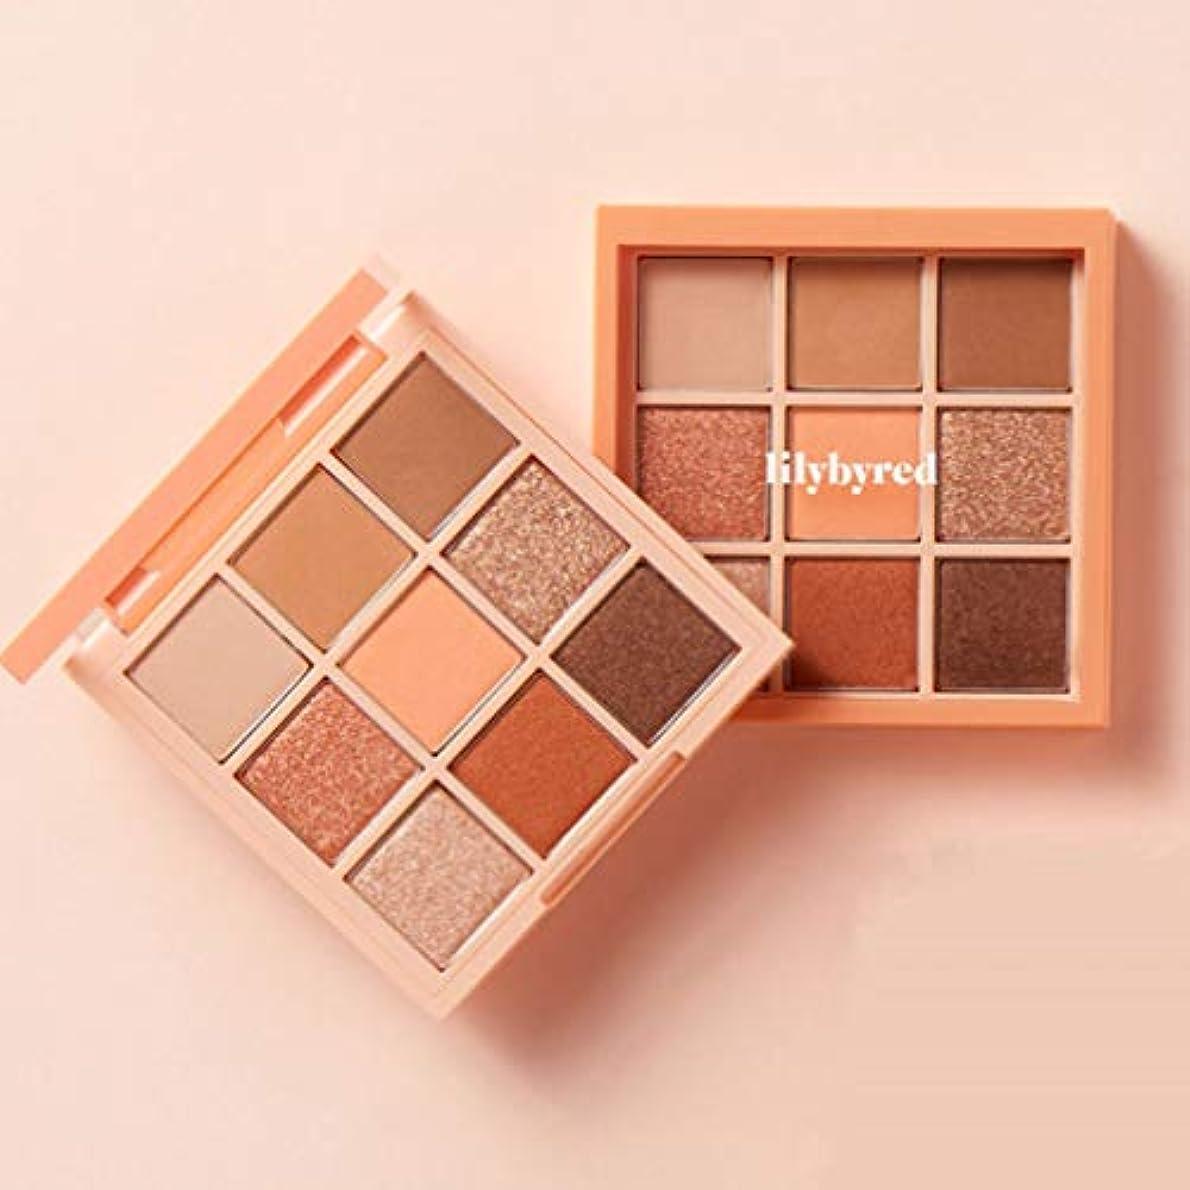 フロンティアクルーズぬれたLILYBYRED Mood Cheat Kit Eyeshadow Palette #Peach Energy 告発色、高密着、告知の中独歩的な高クオリティアイシャドウパレット9color(並行輸入品)